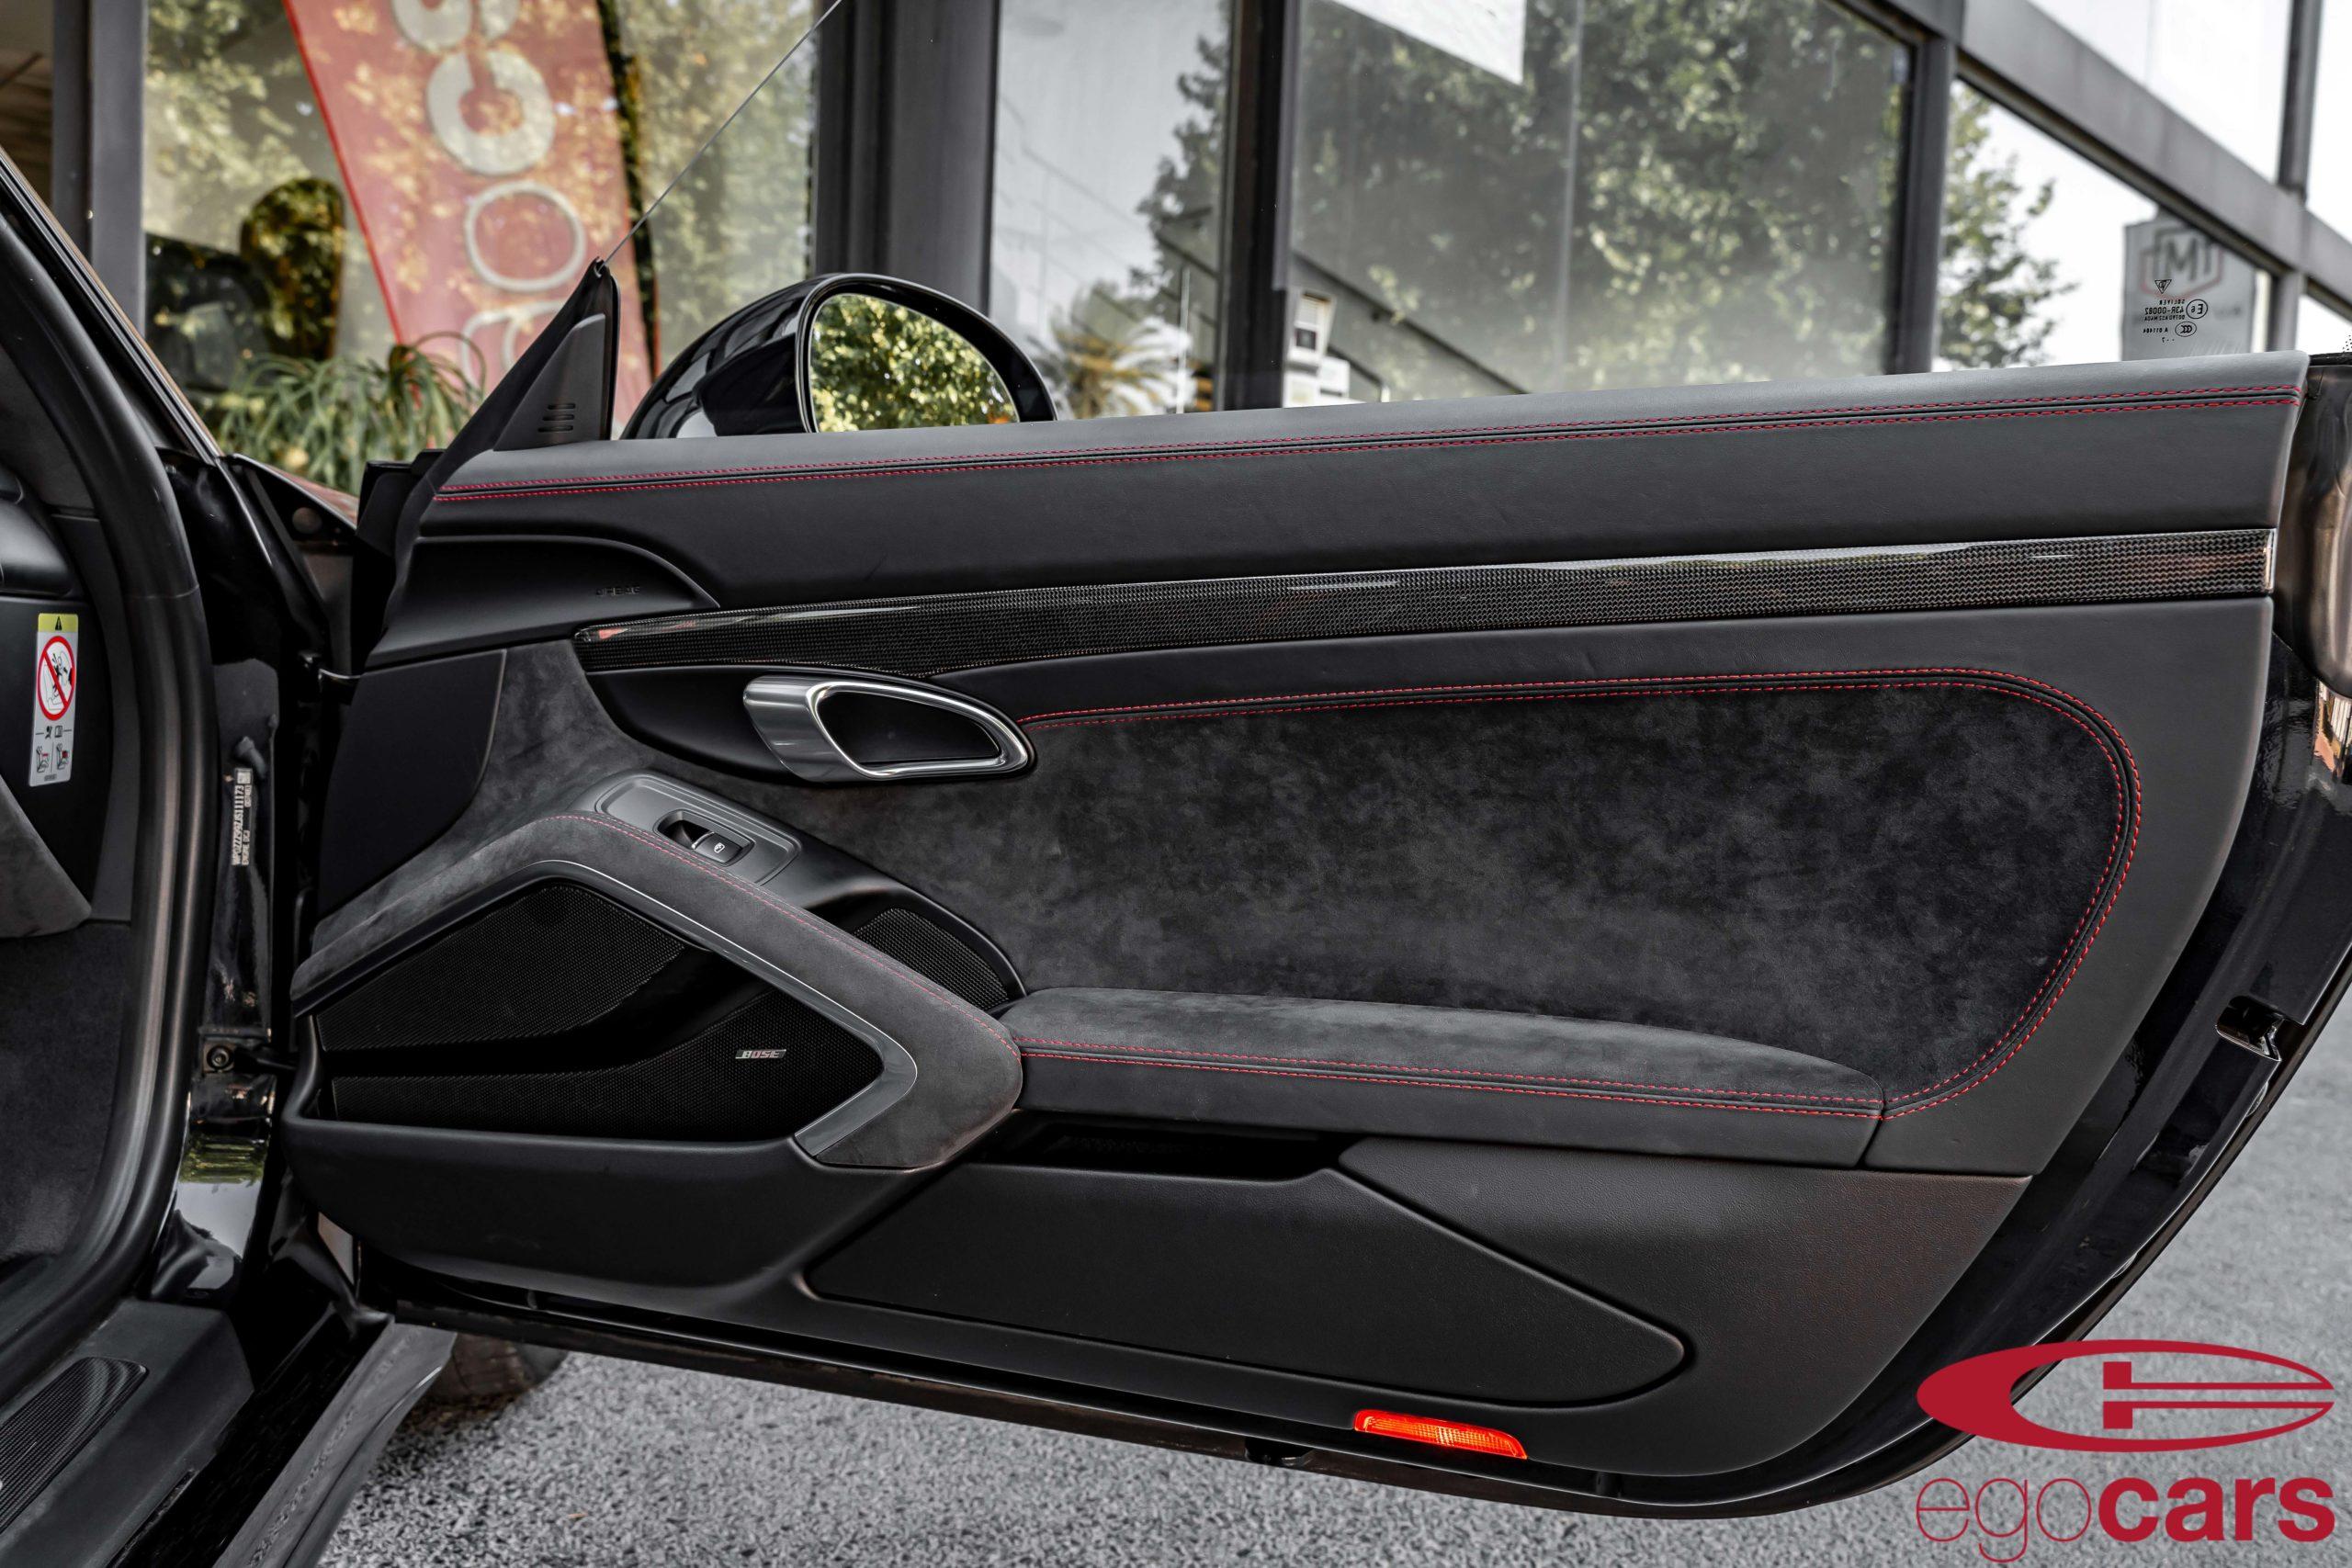 911 CARRERA 4 GTS NEGRO EGOCARS_12